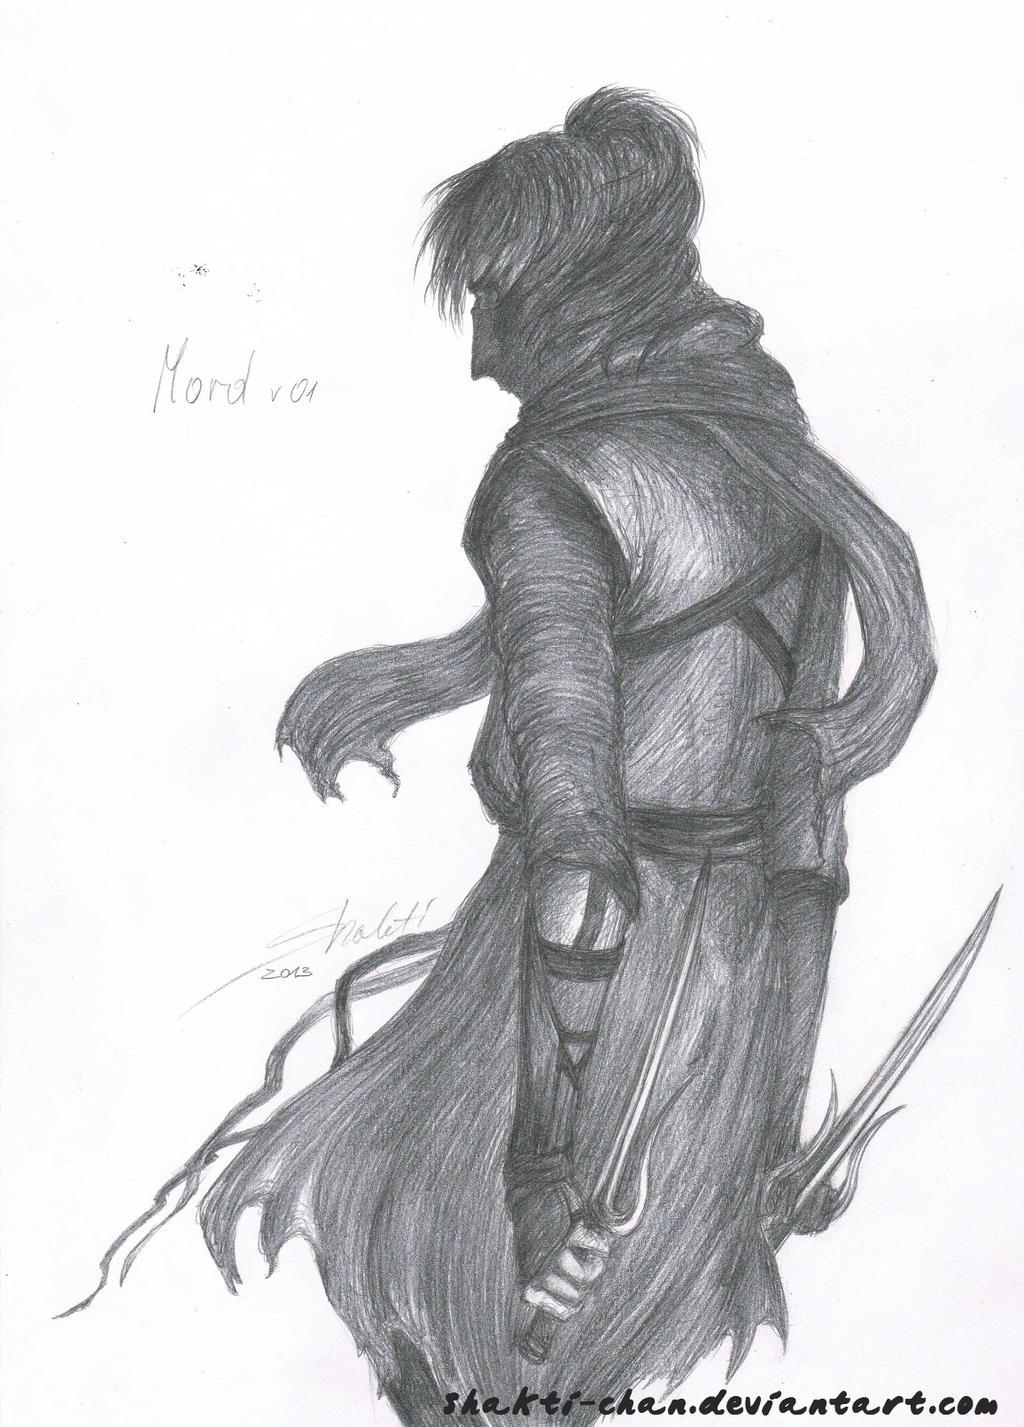 Mord by Shakti-chan